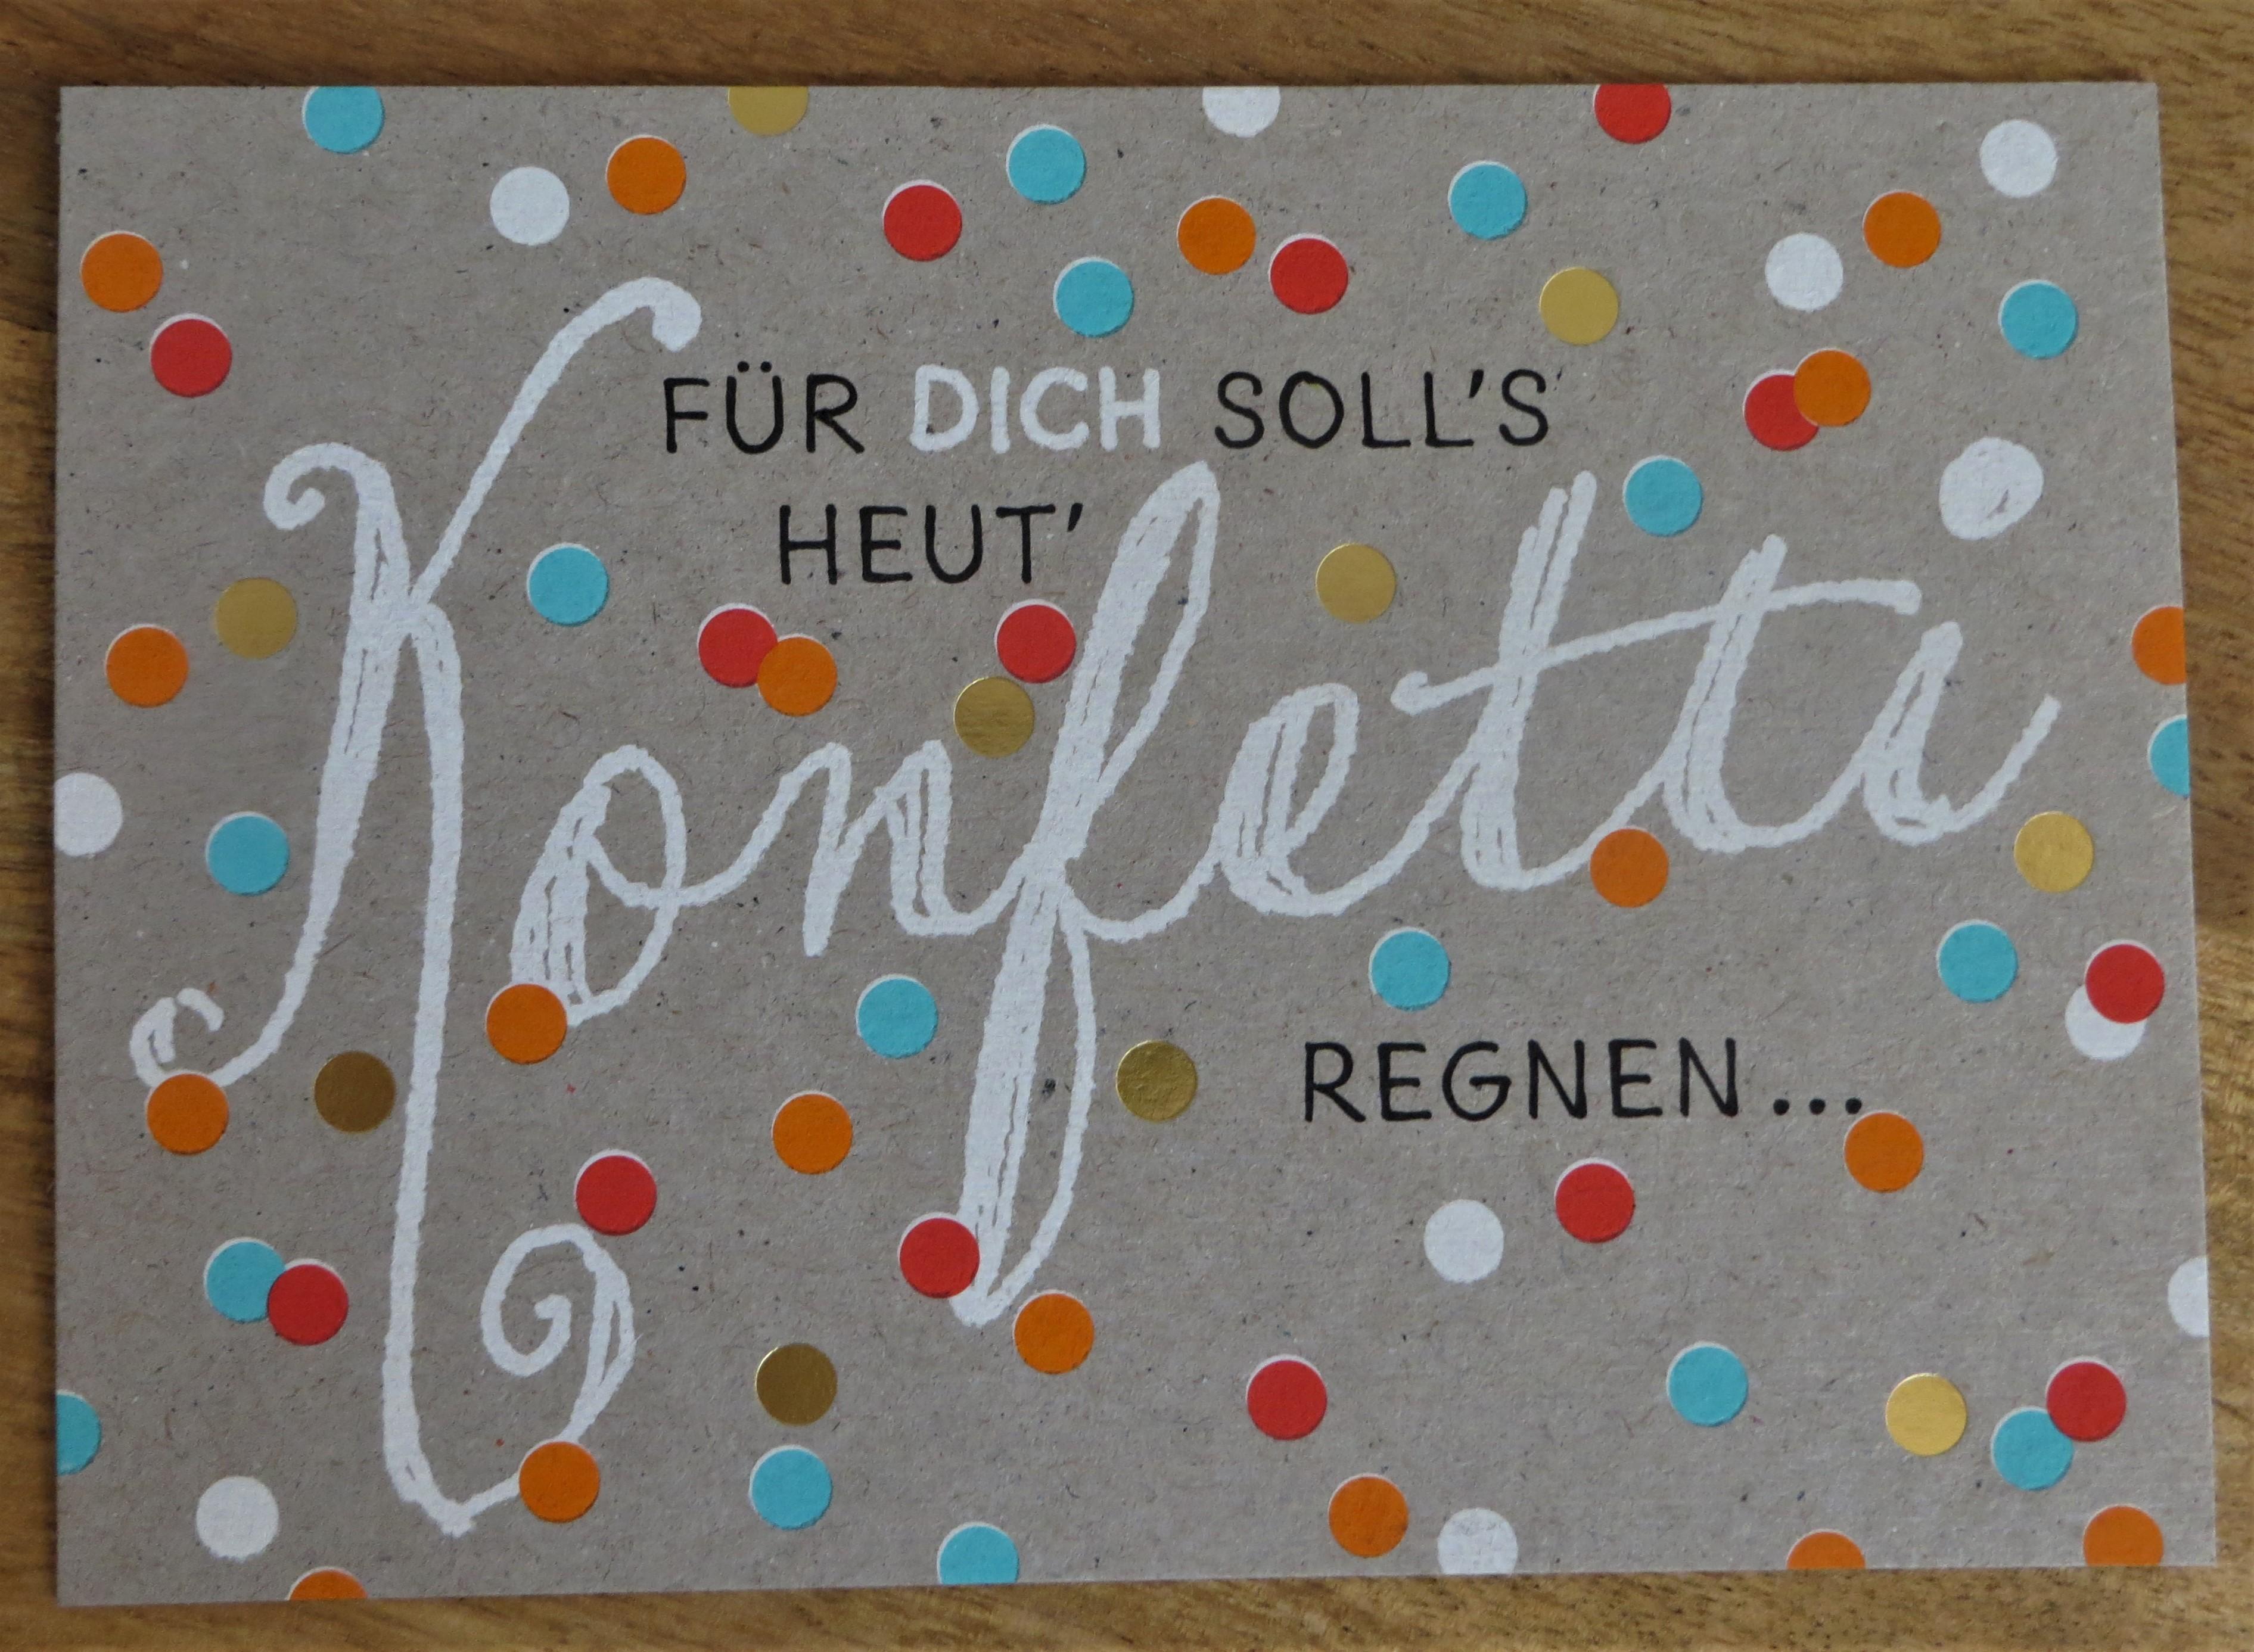 Postkarte Für DICH solls heut Konfetti Regnen... Panda KUNST und BILD